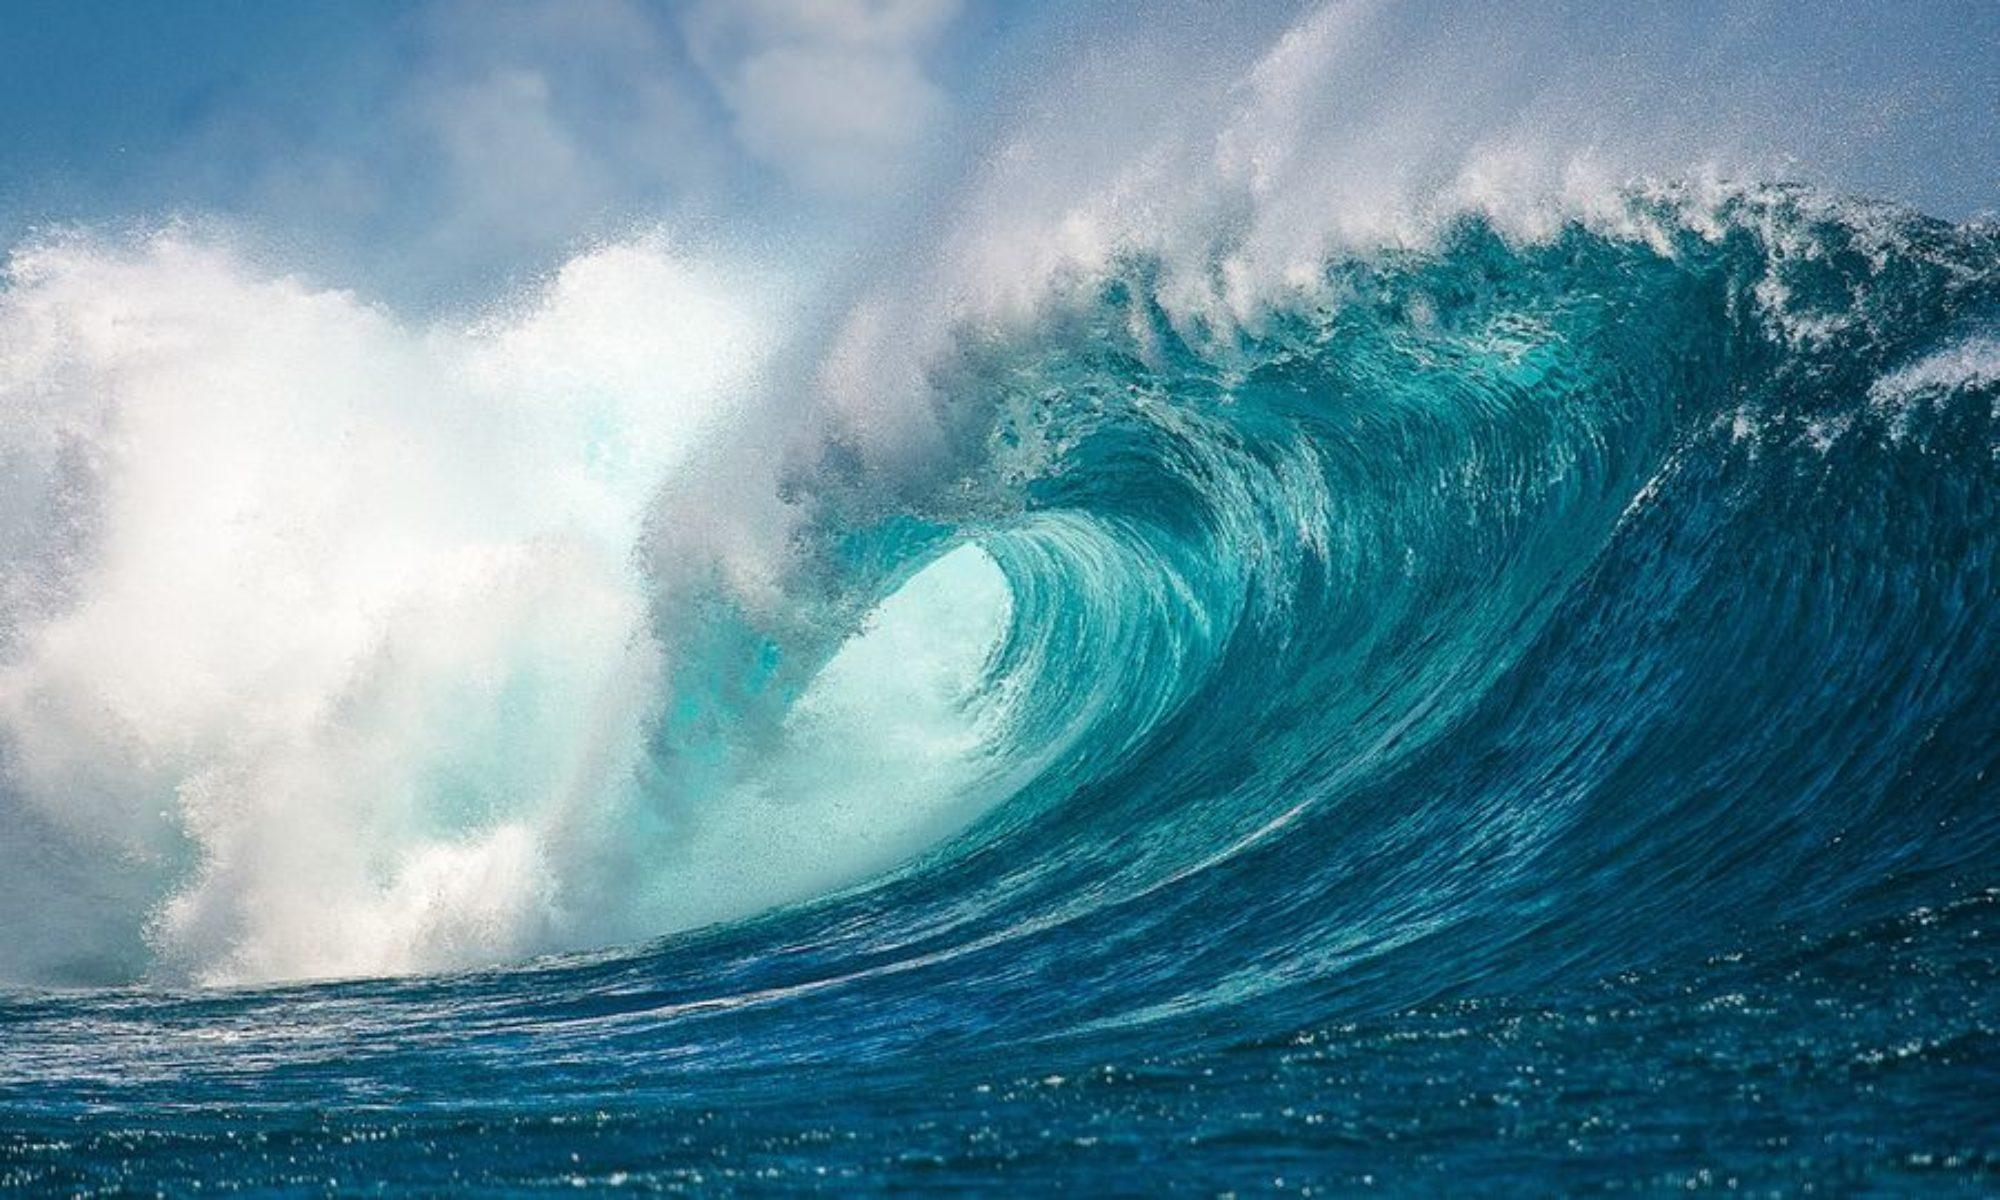 OceanEssay.com